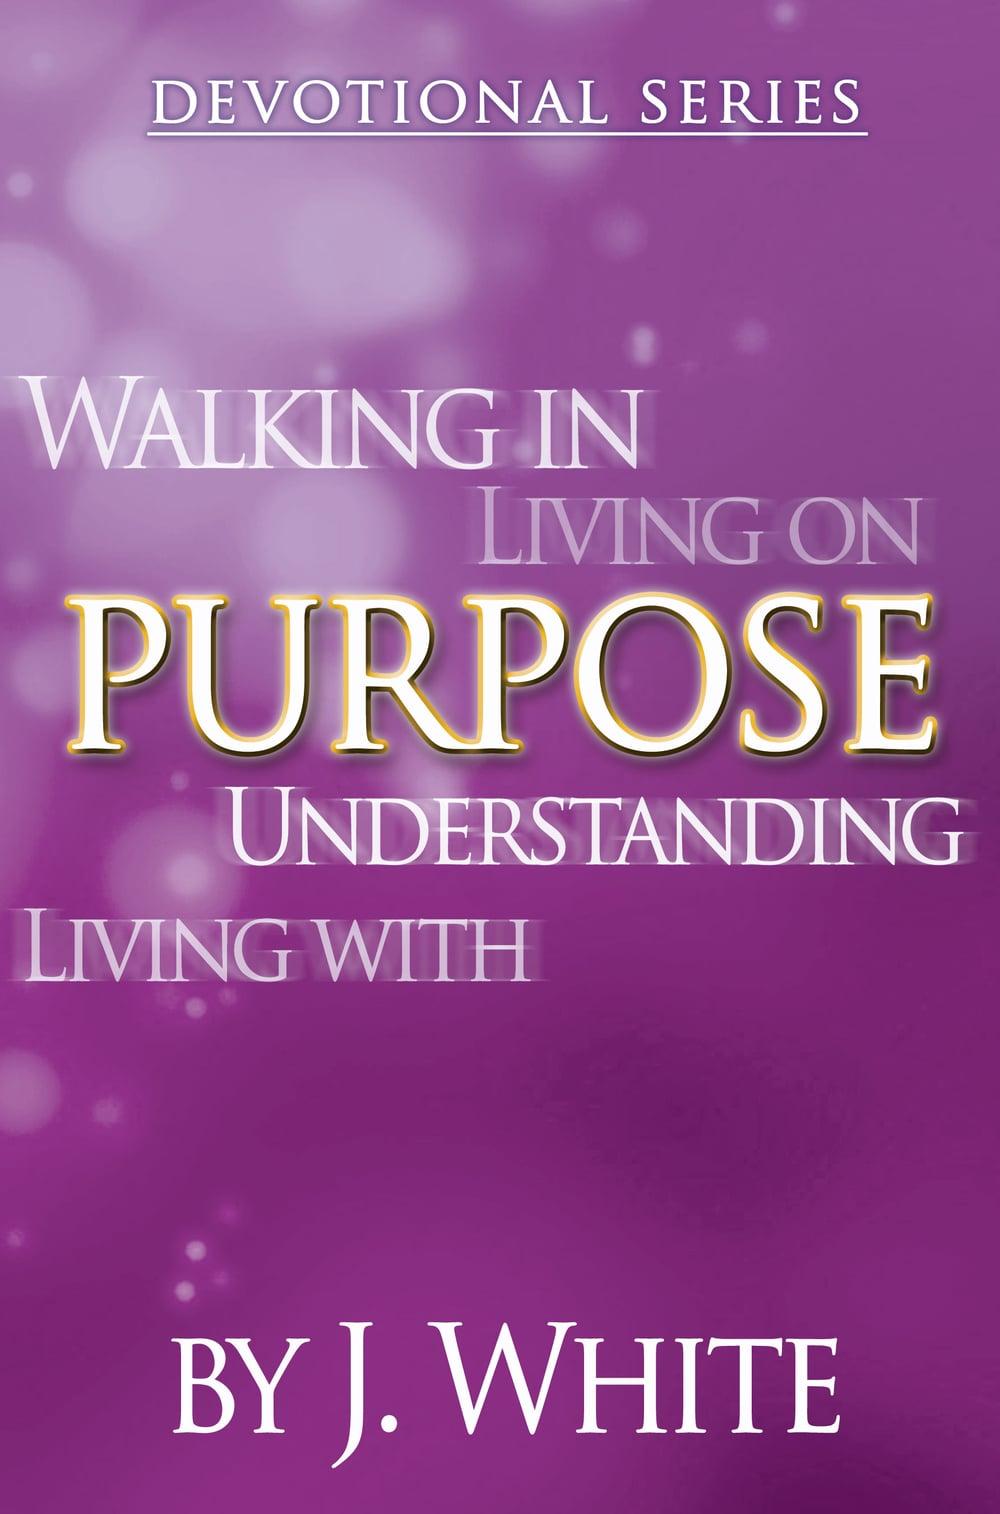 Purpose-book-cover.jpg